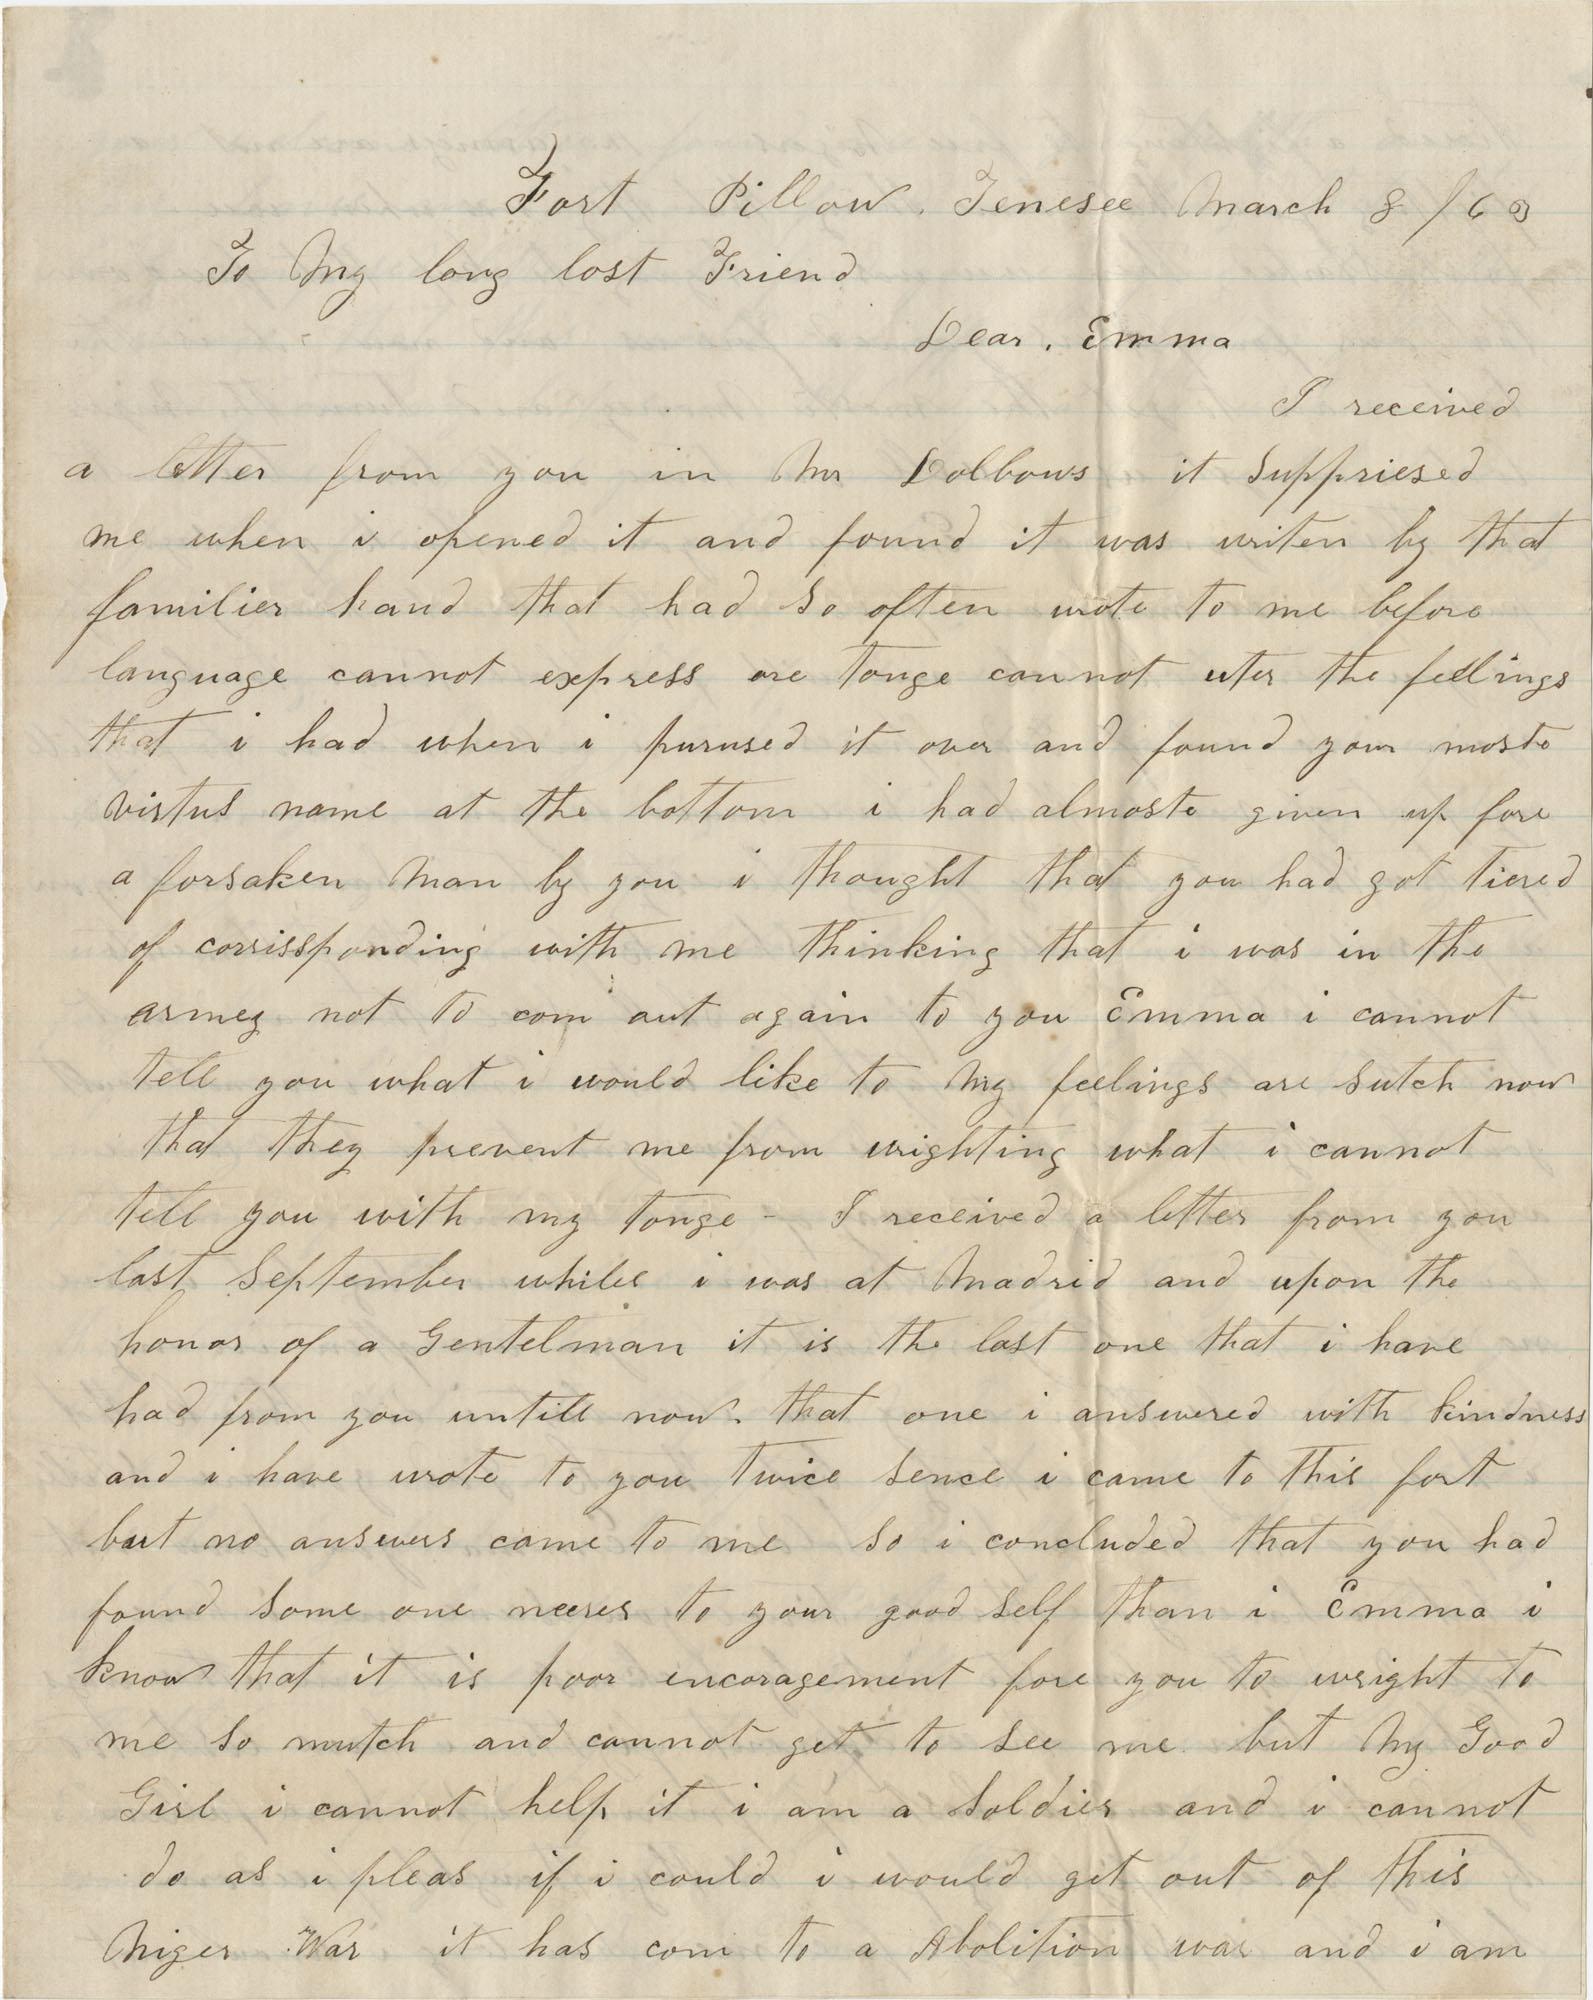 James Fortiner Letter